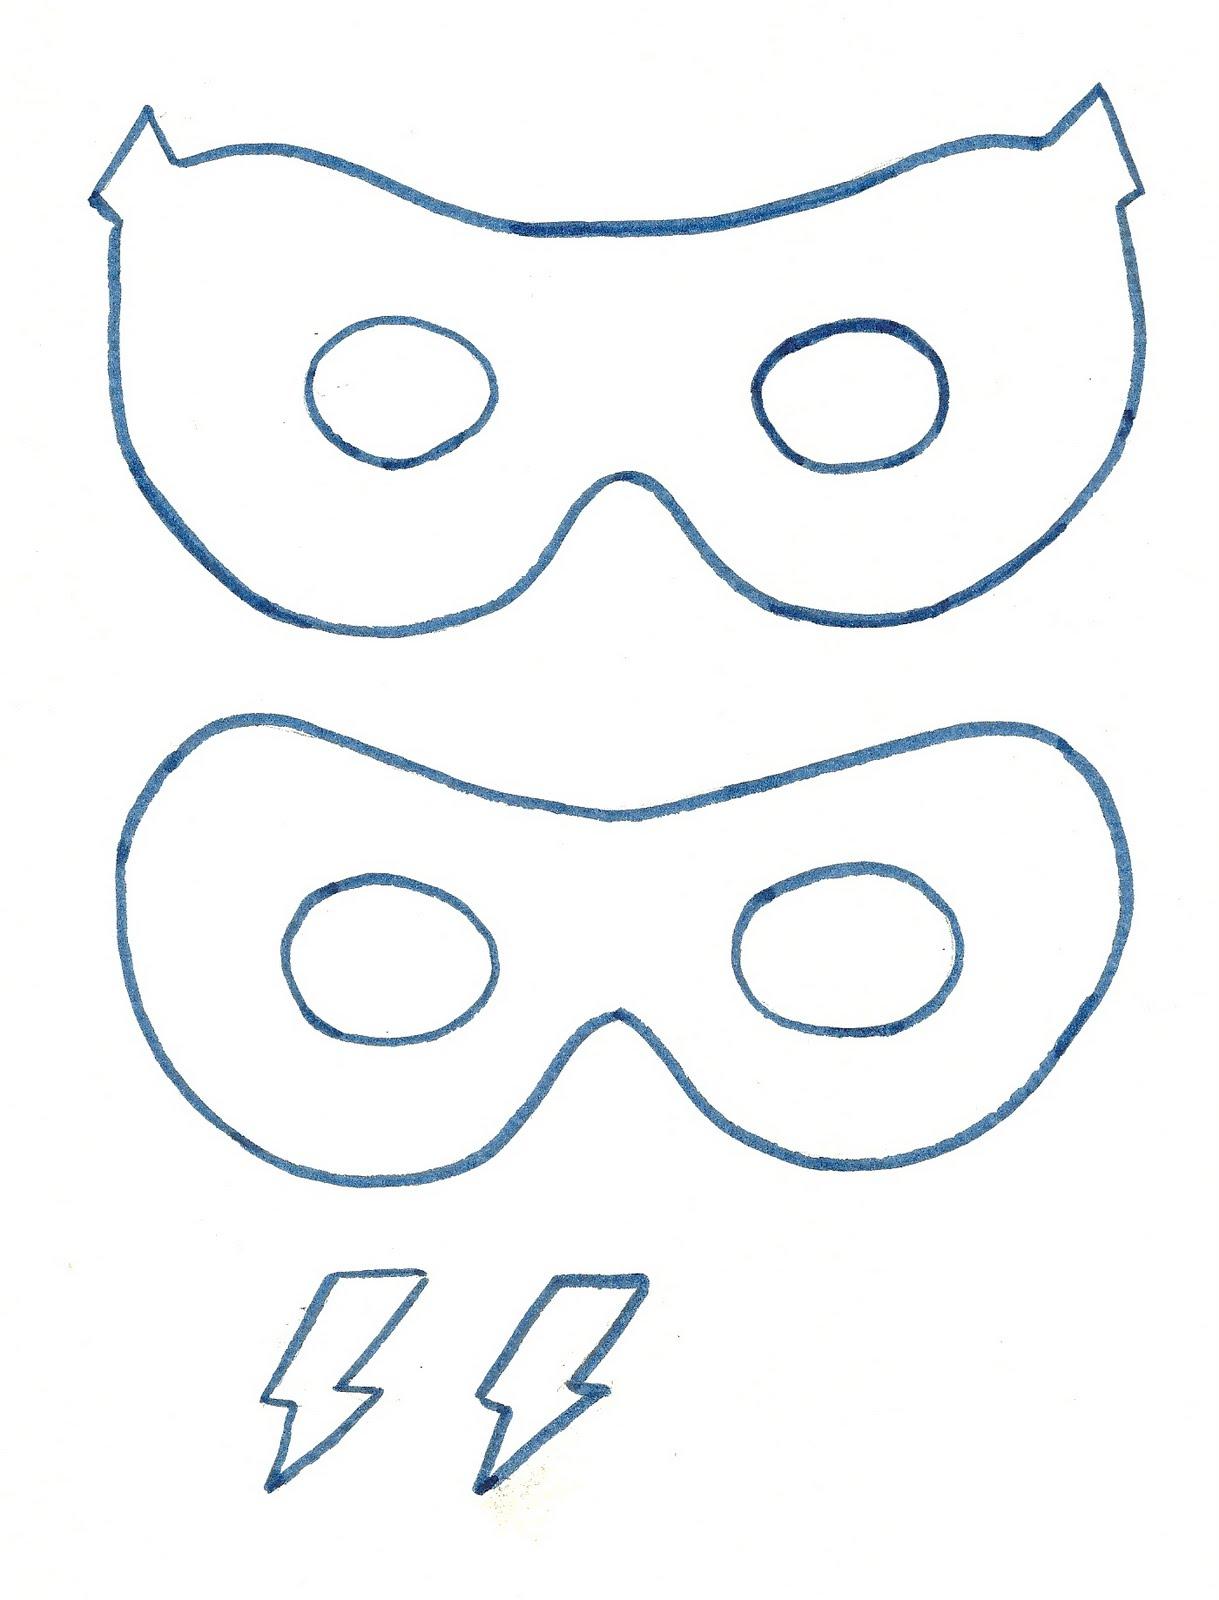 Super hero mask 1 219 1 600 pixels birthday for Superhero mask template for kids